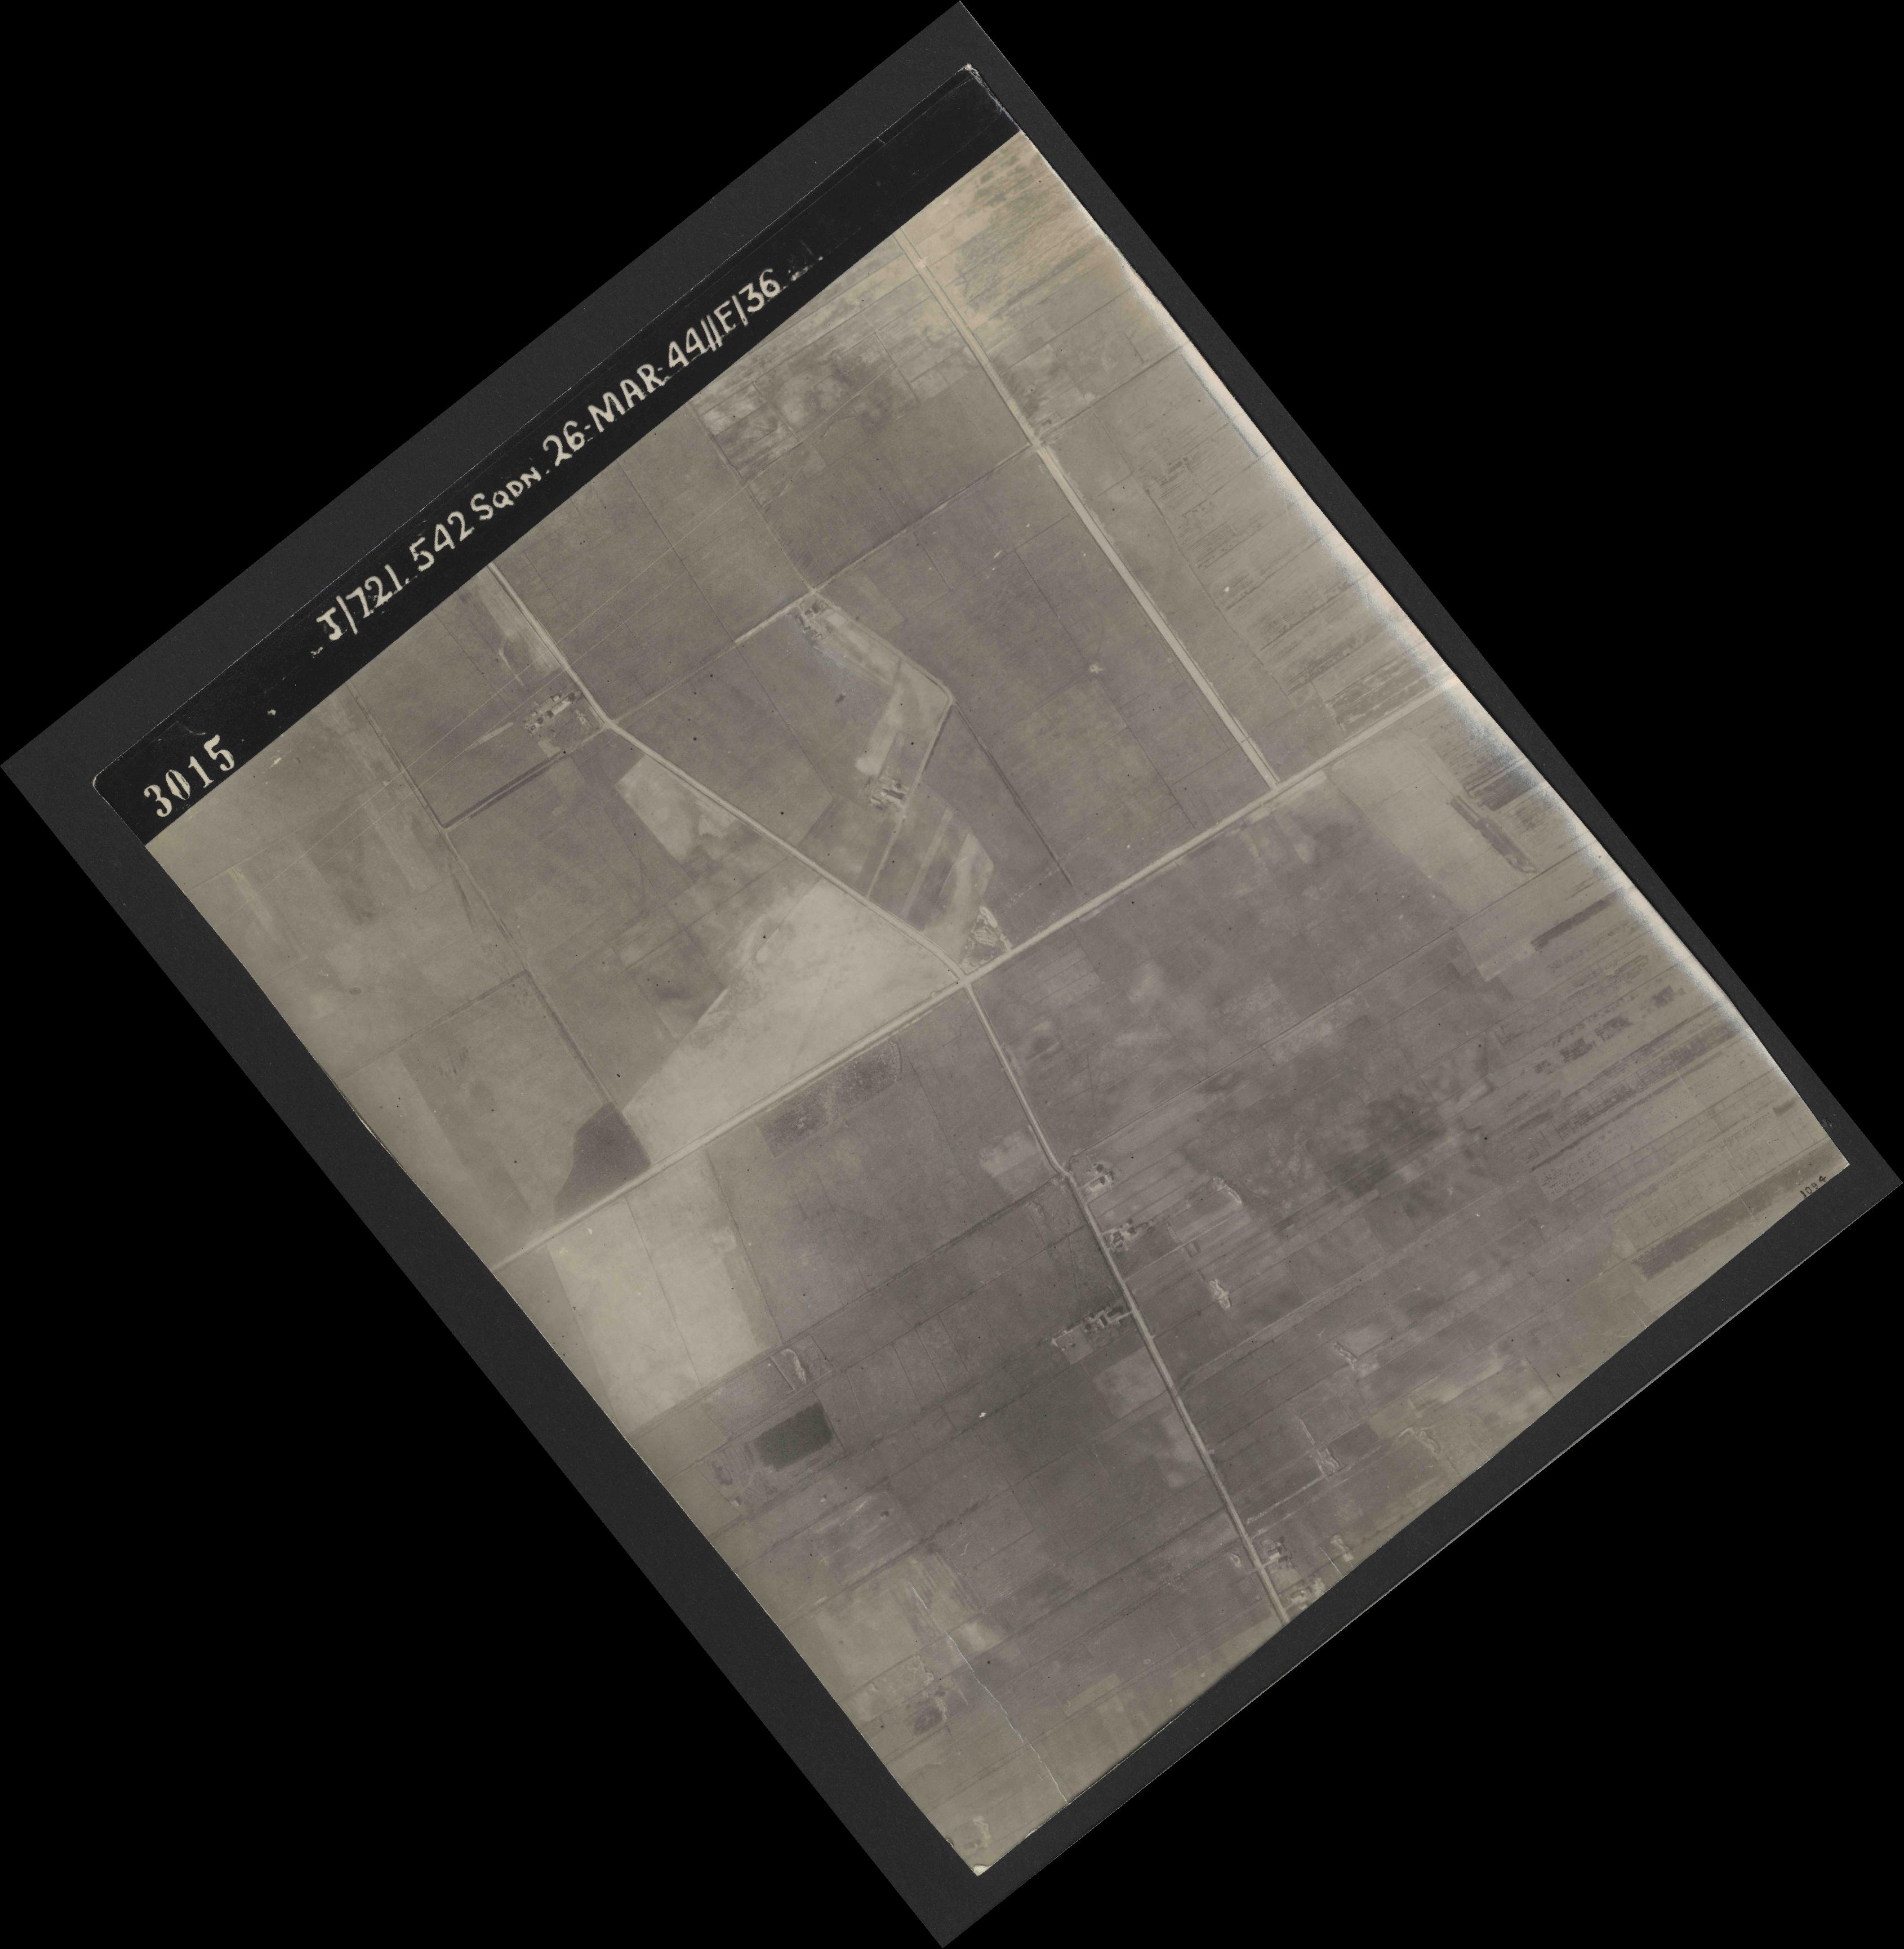 Collection RAF aerial photos 1940-1945 - flight 349, run 01, photo 3015